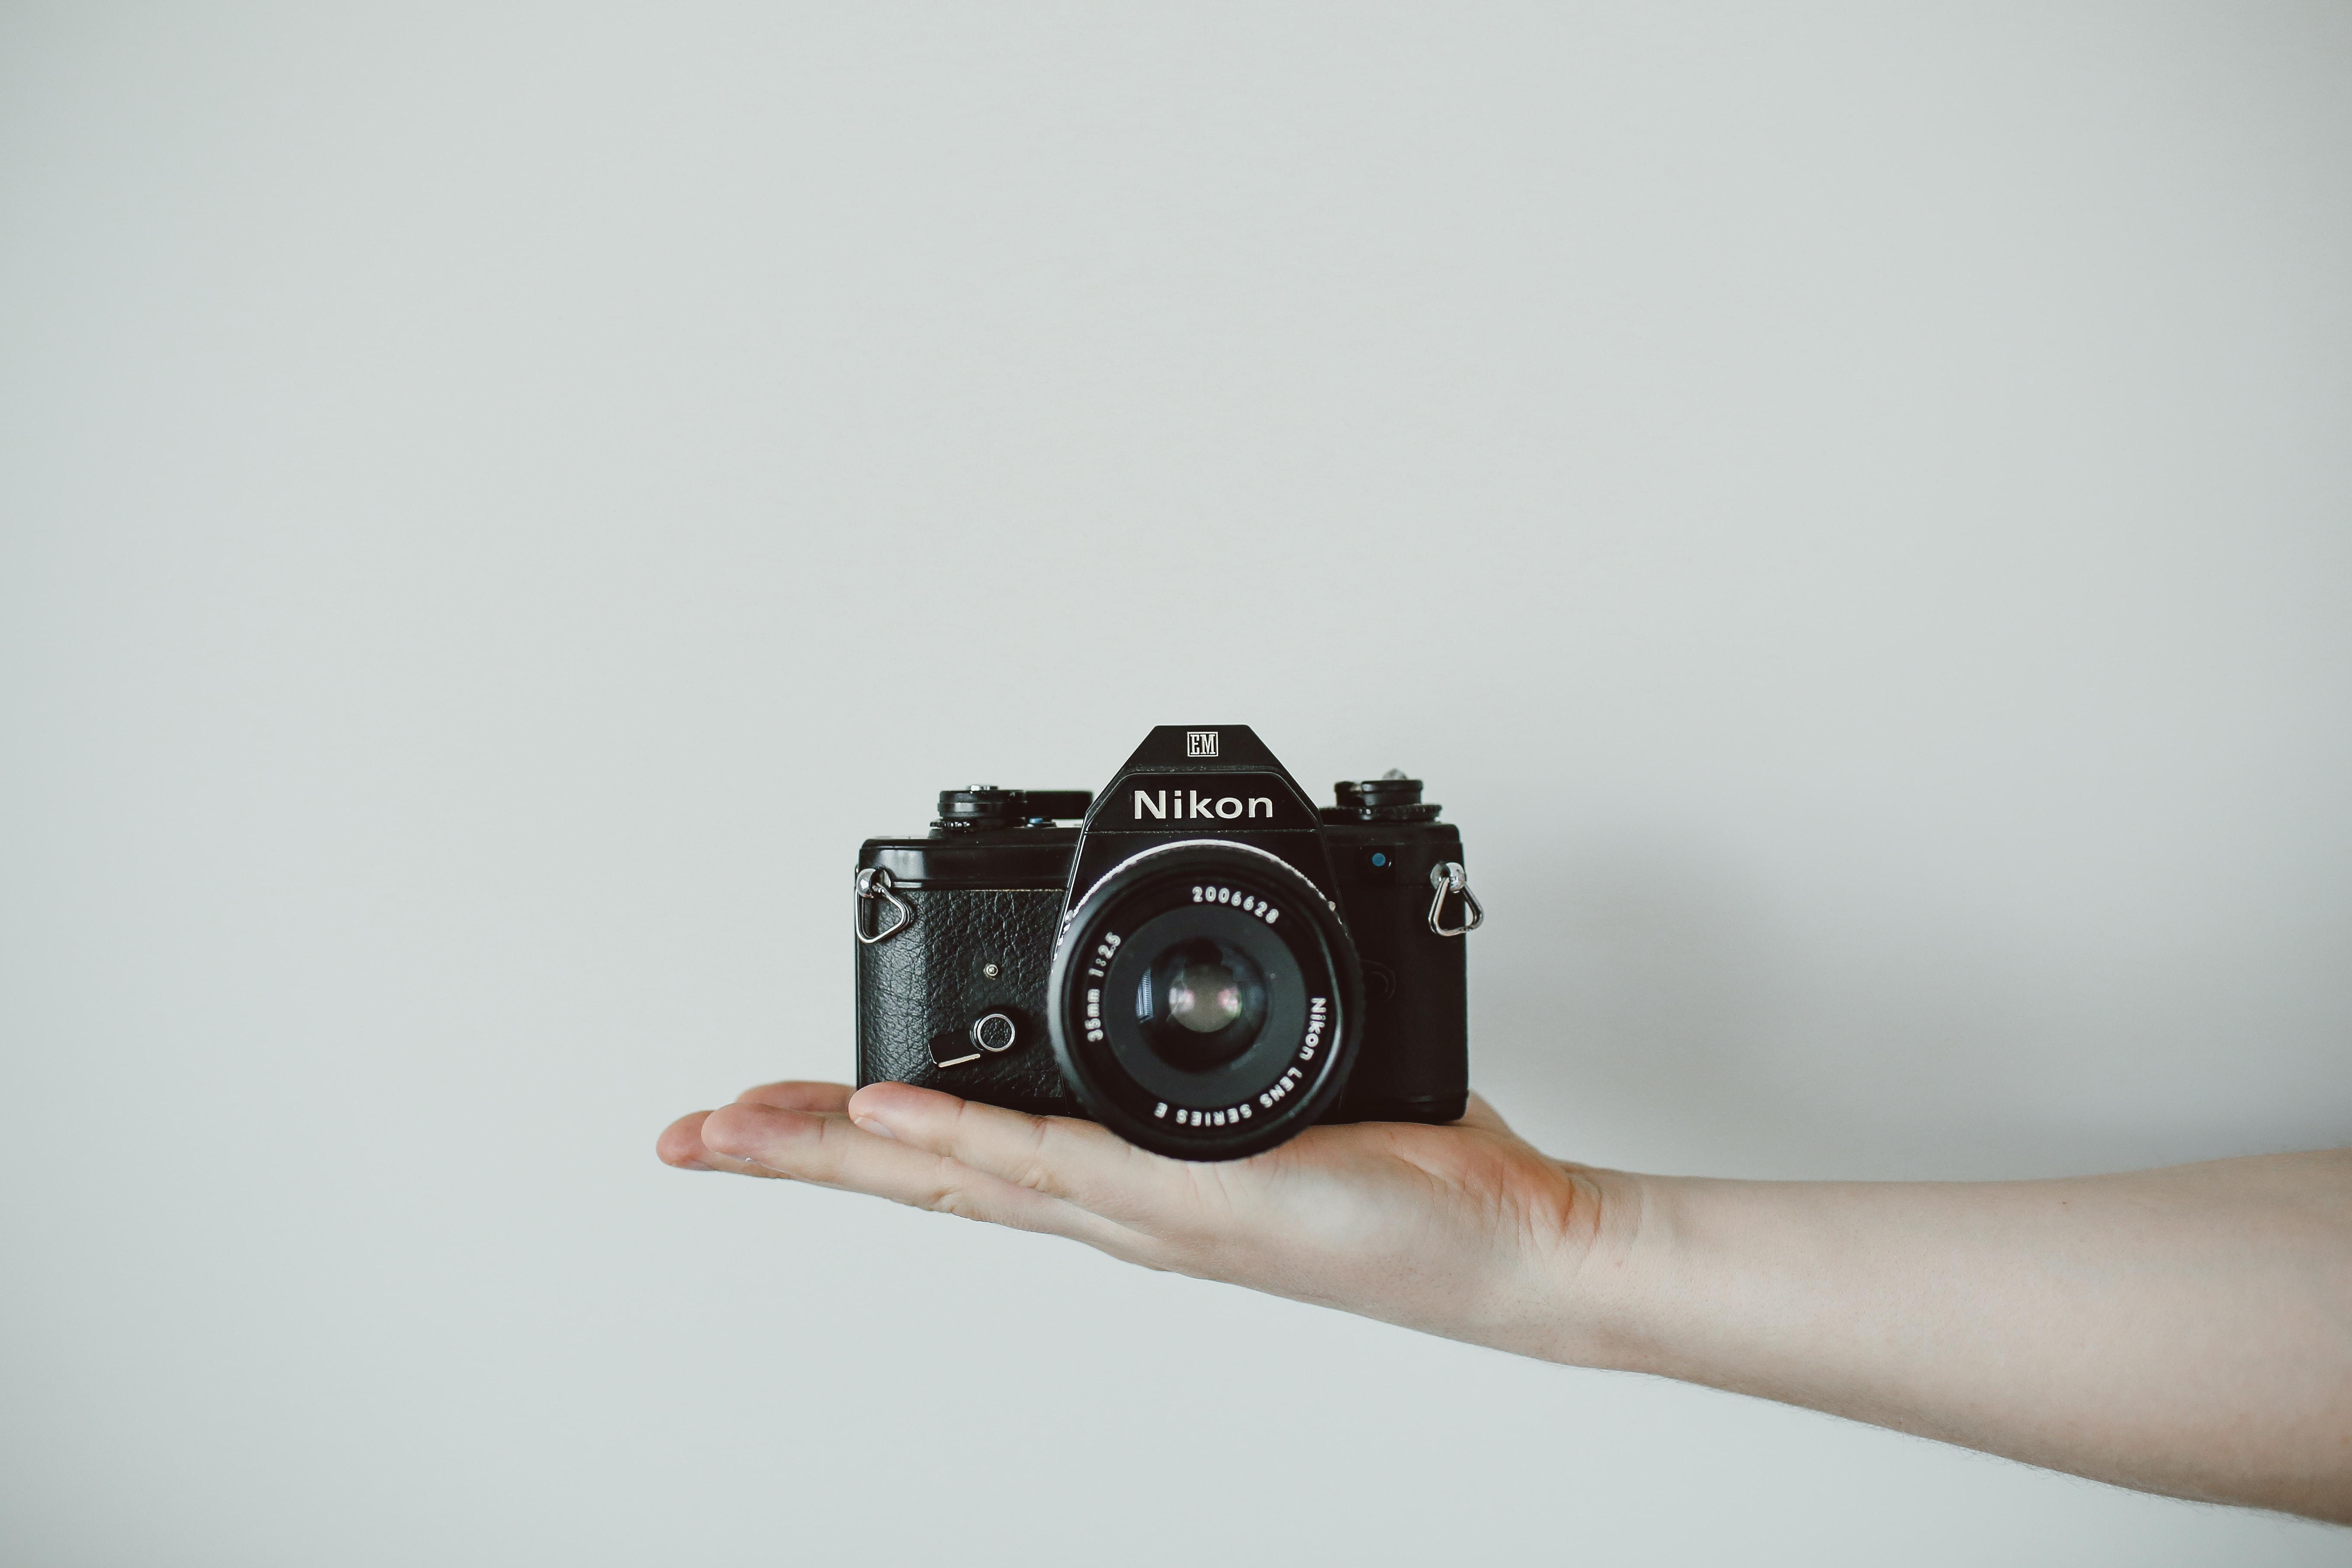 person holding Nikon DSLR camera